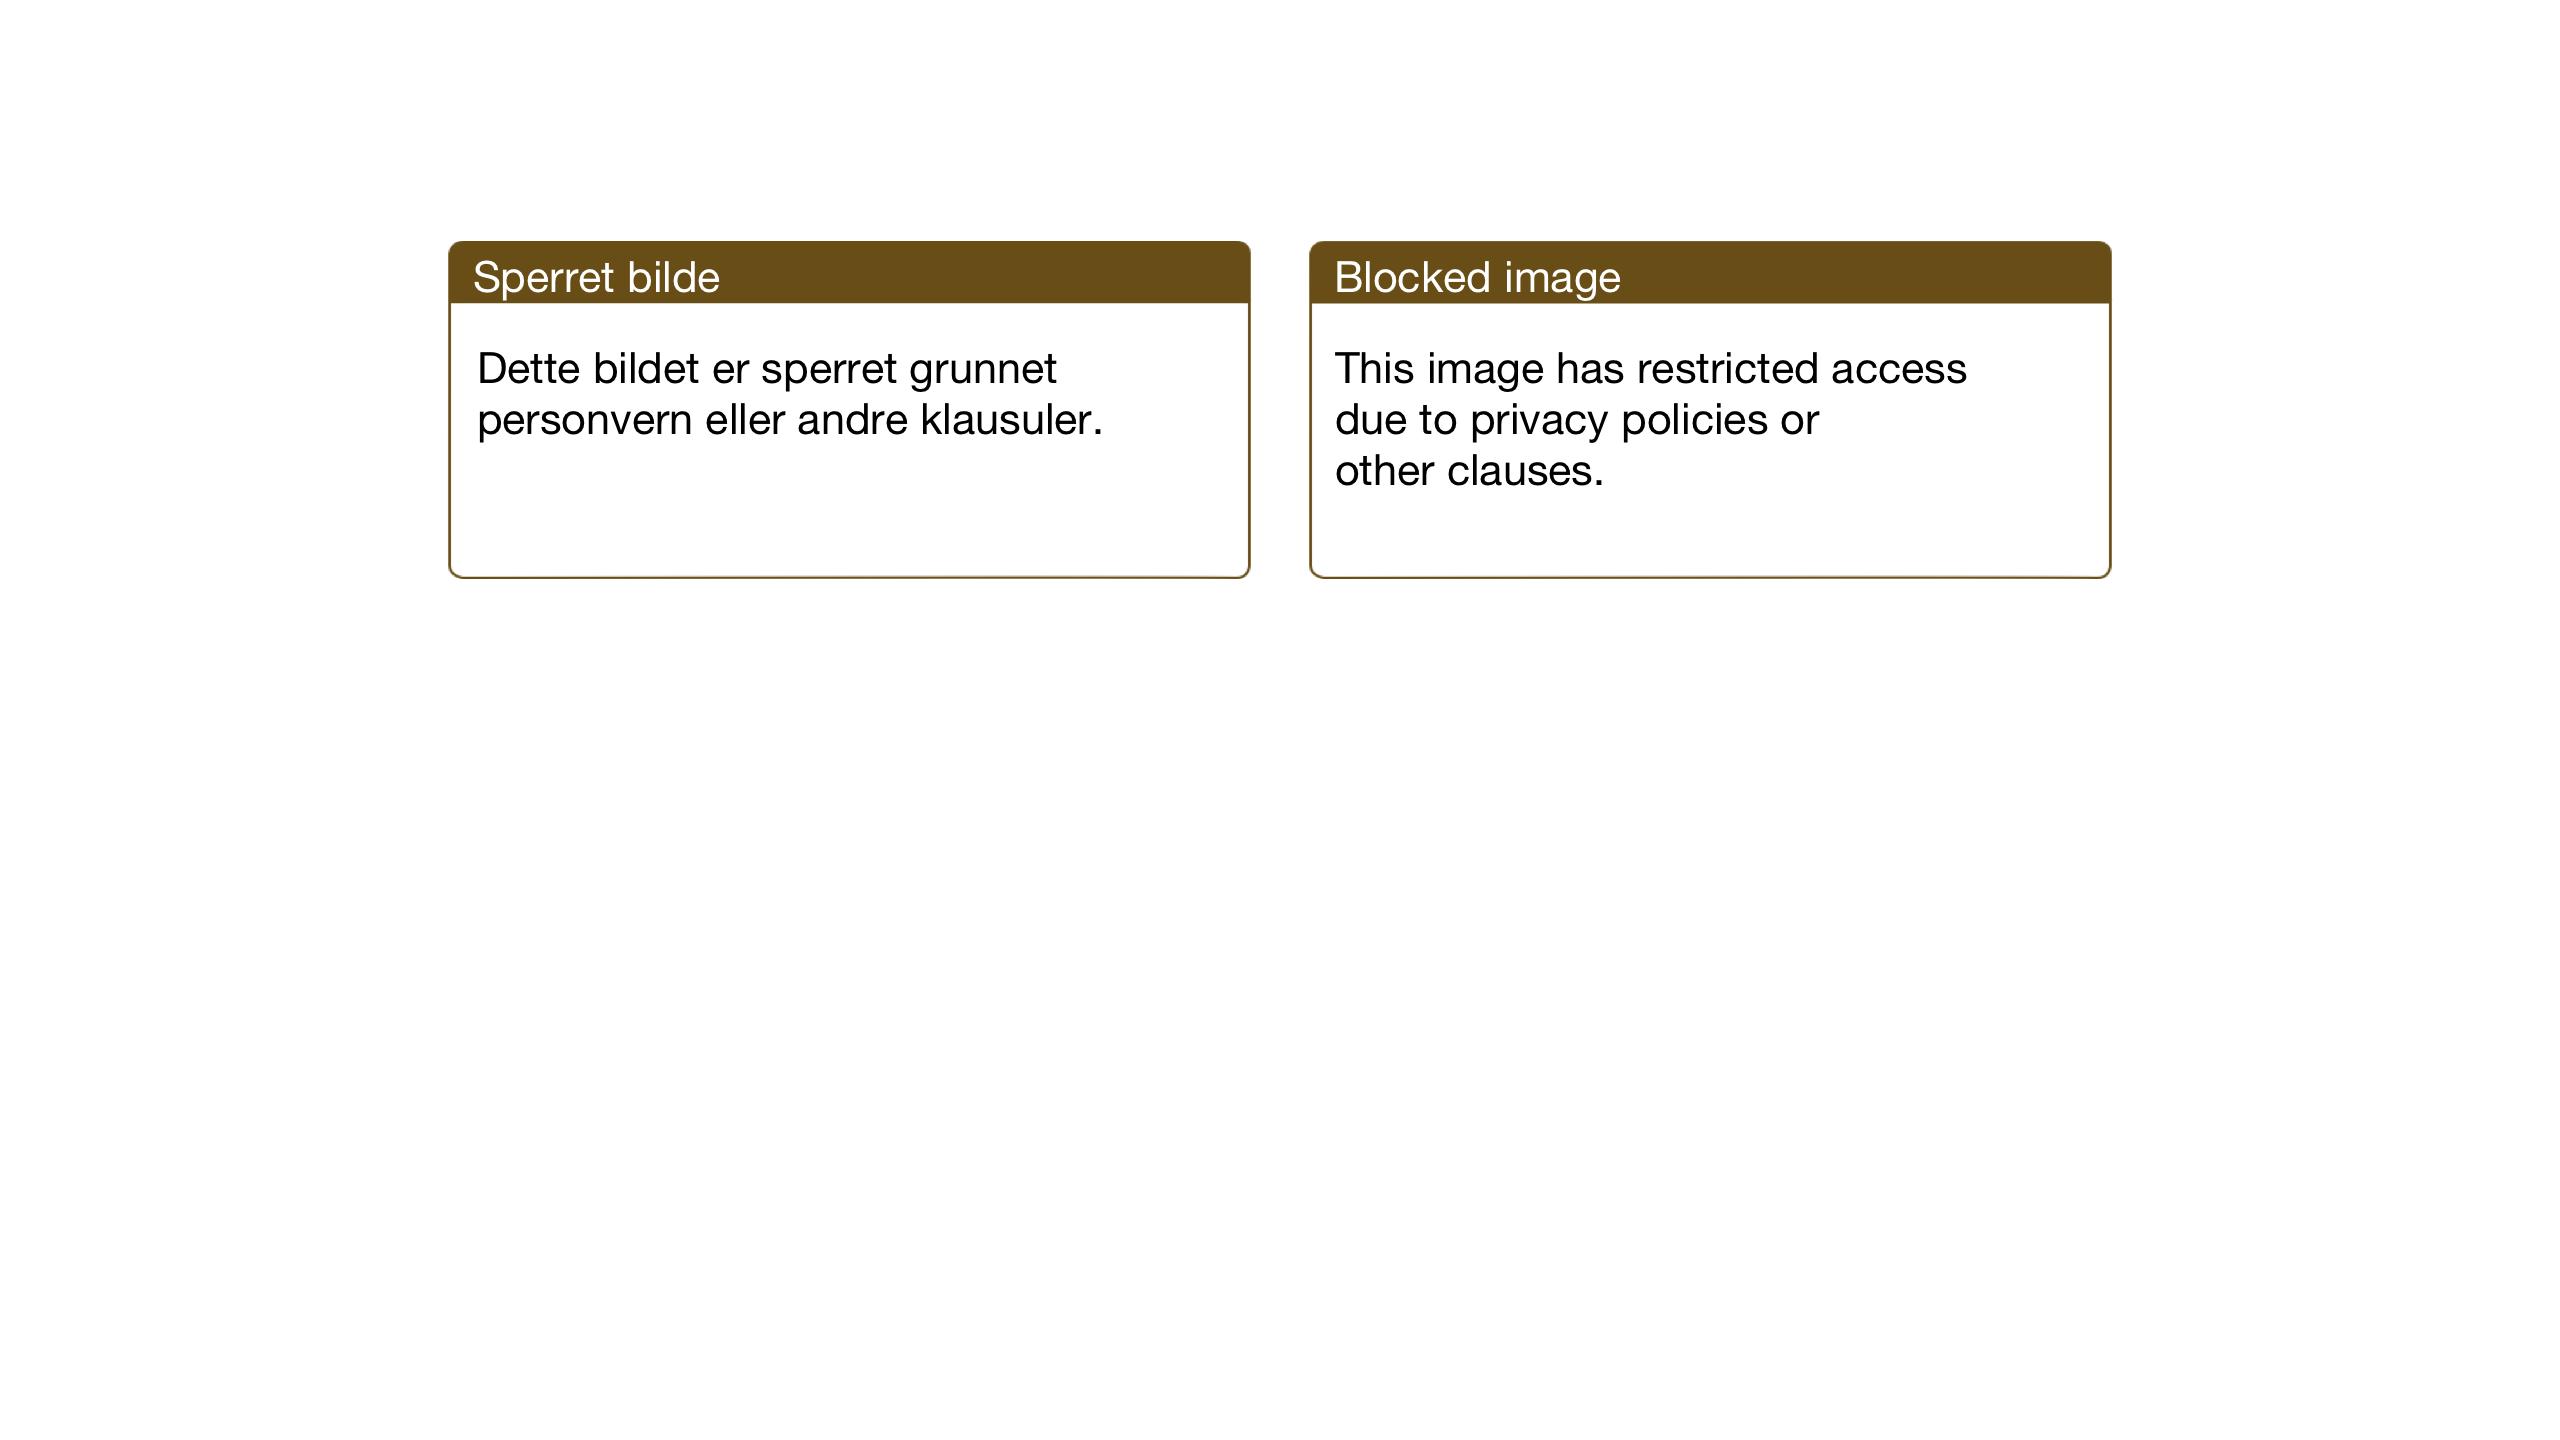 SAT, Ministerialprotokoller, klokkerbøker og fødselsregistre - Sør-Trøndelag, 617/L0433: Klokkerbok nr. 617C04, 1942-1947, s. 67